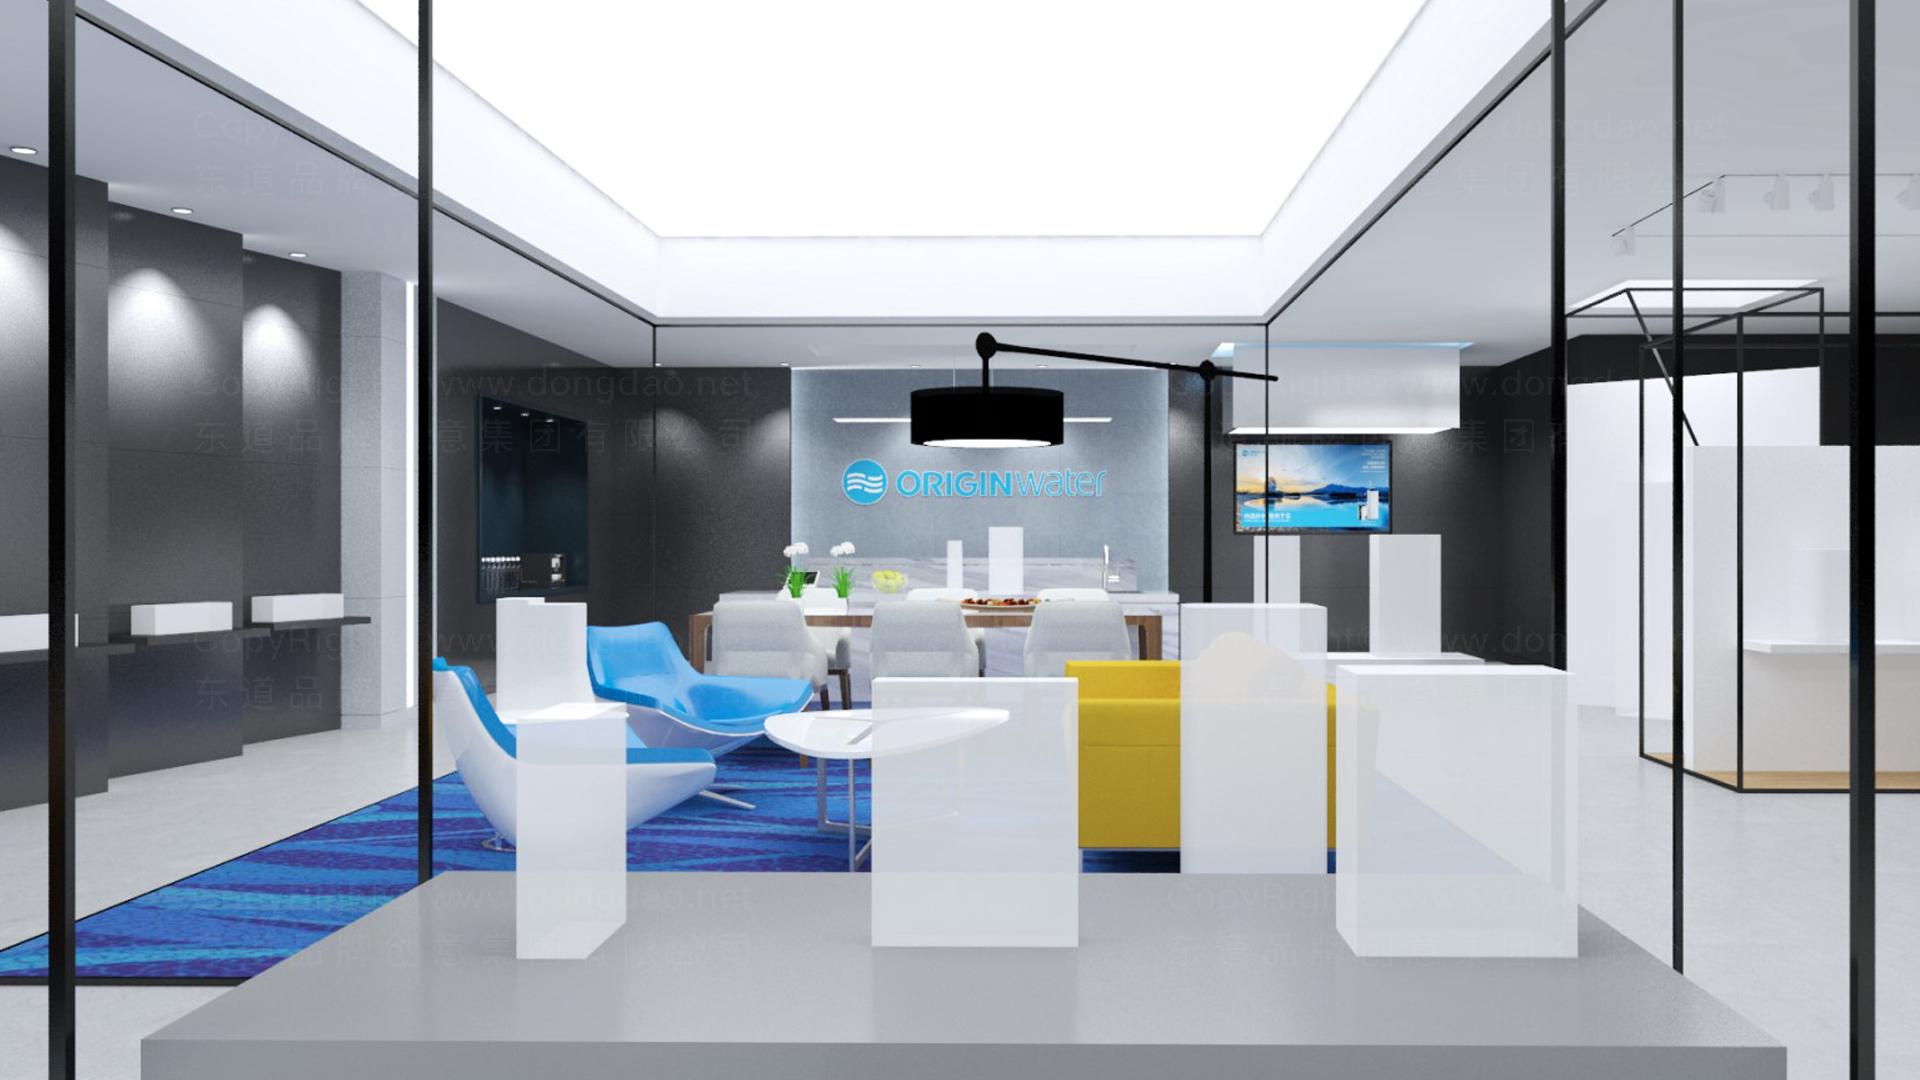 商业空间&导示碧水源SI设计应用